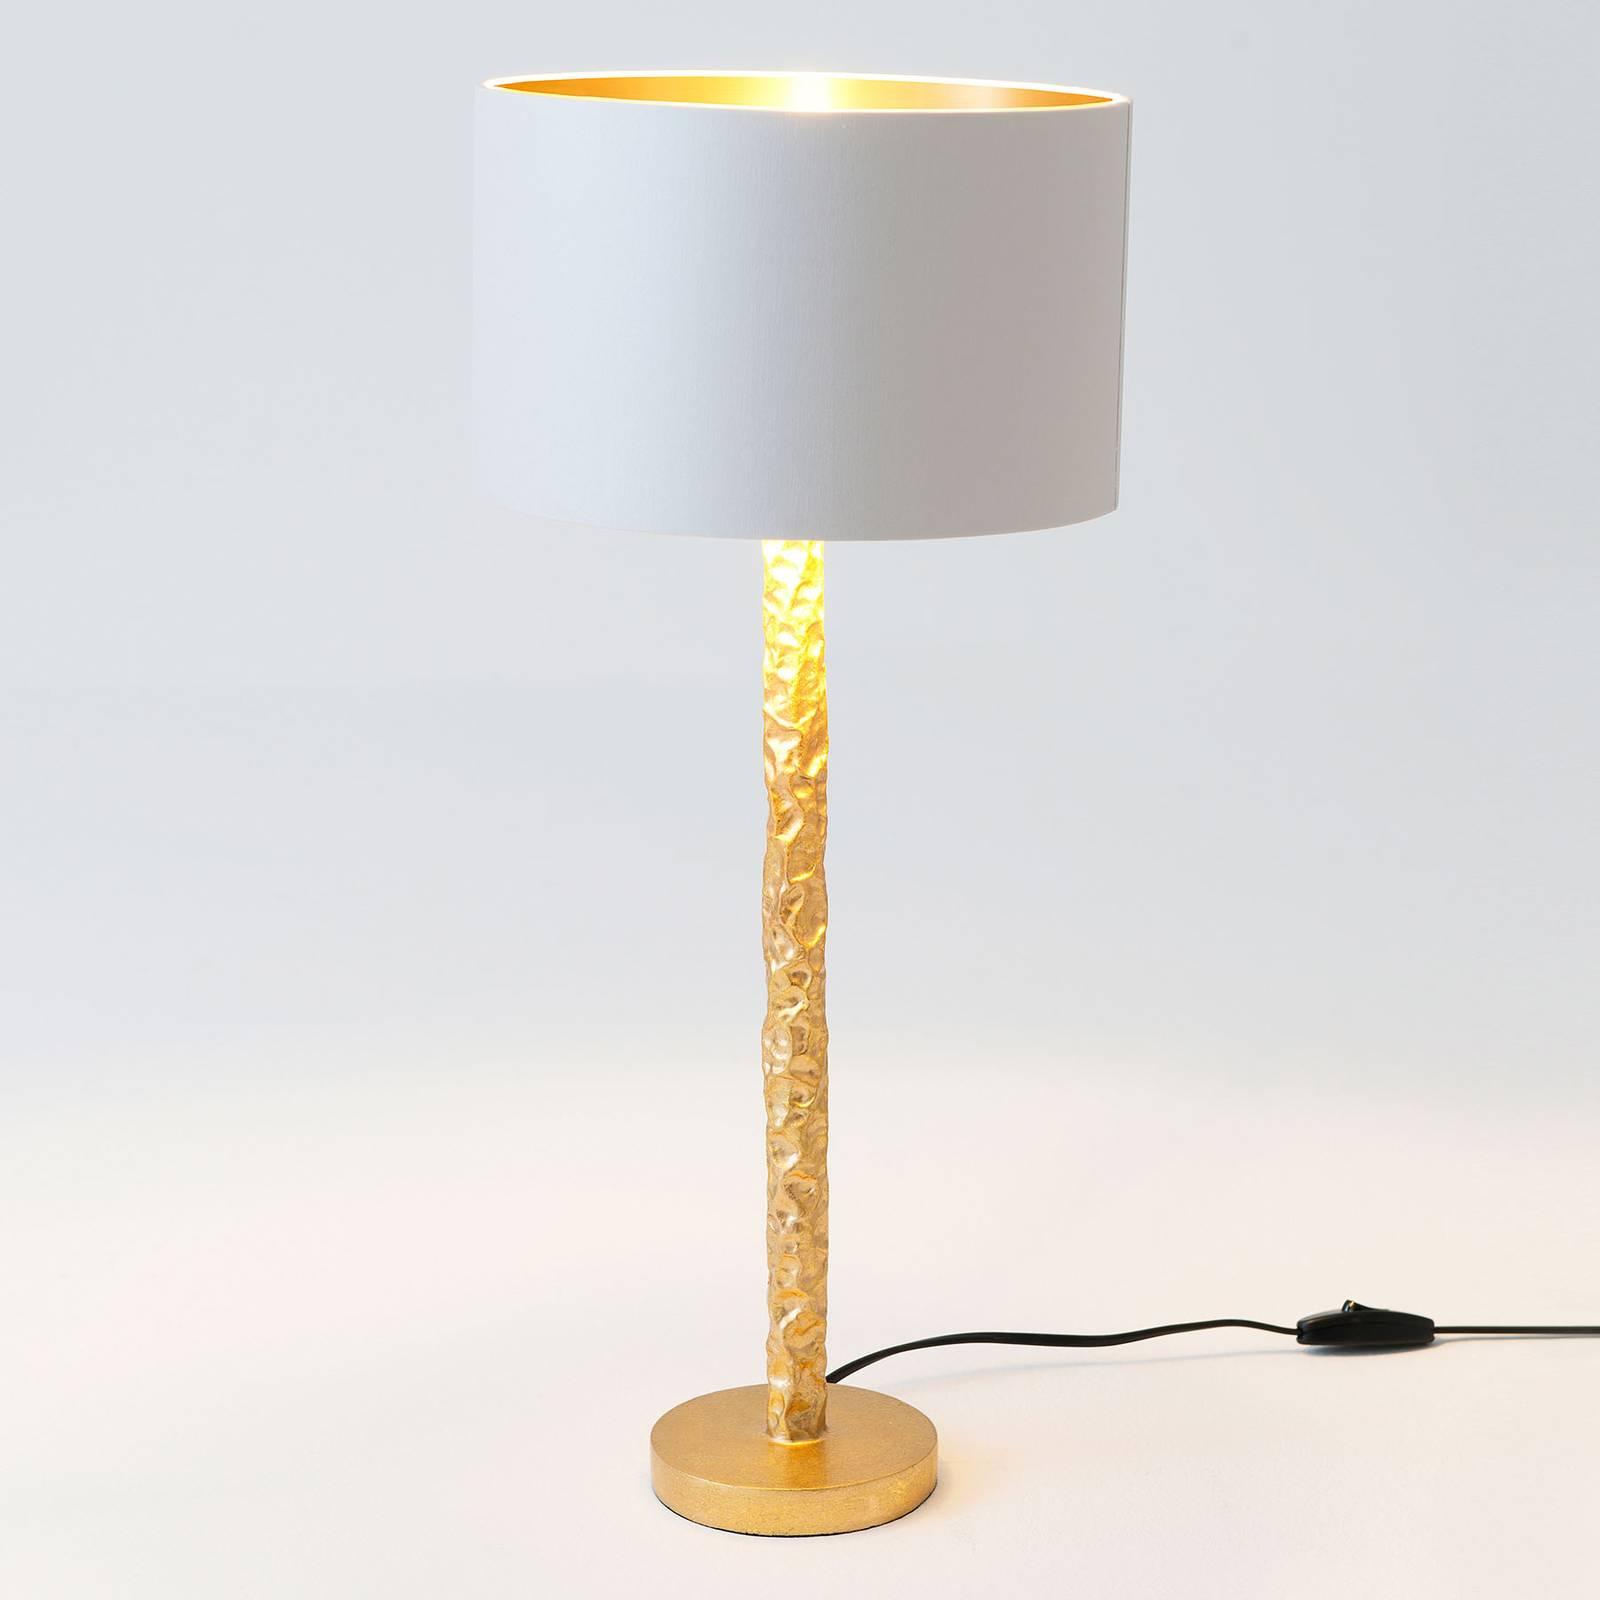 Tafellamp Cancelliere Rotonda wit/goud 57 cm